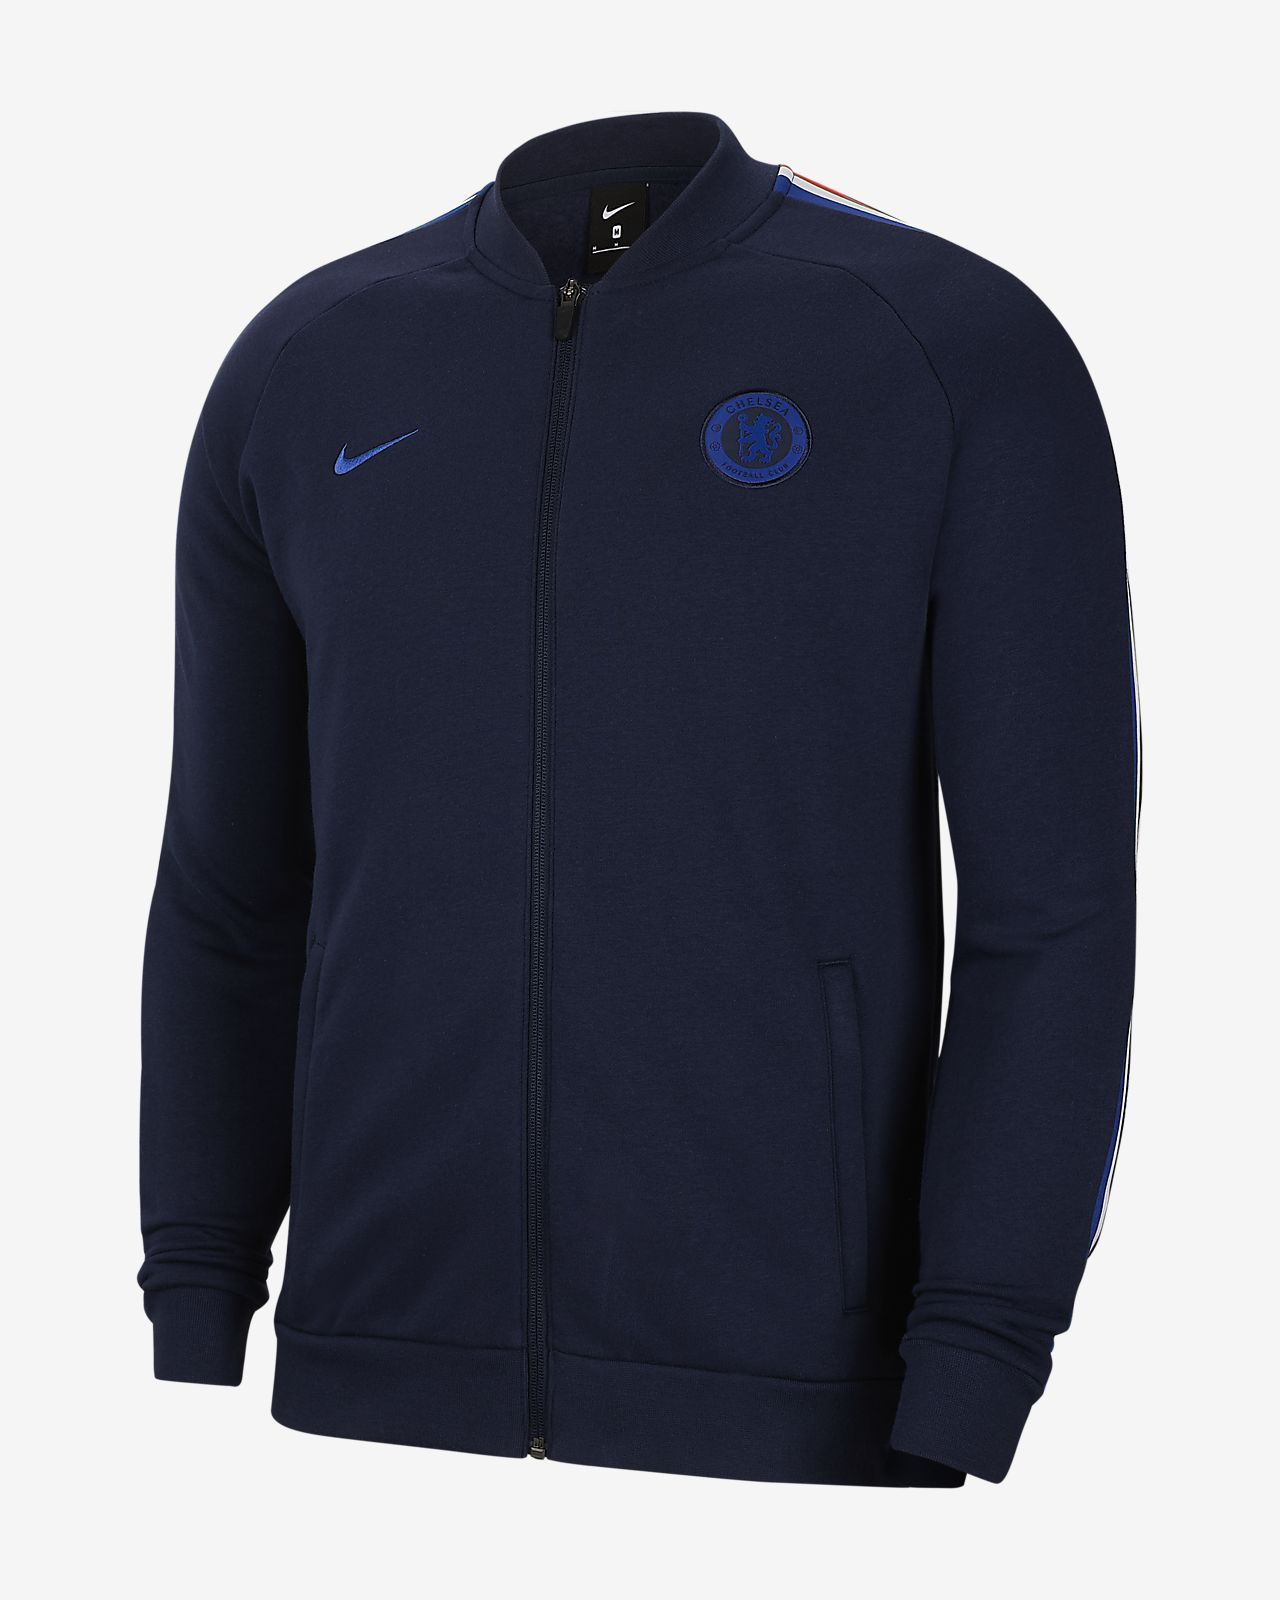 Chelsea FC Men's Fleece Track Jacket